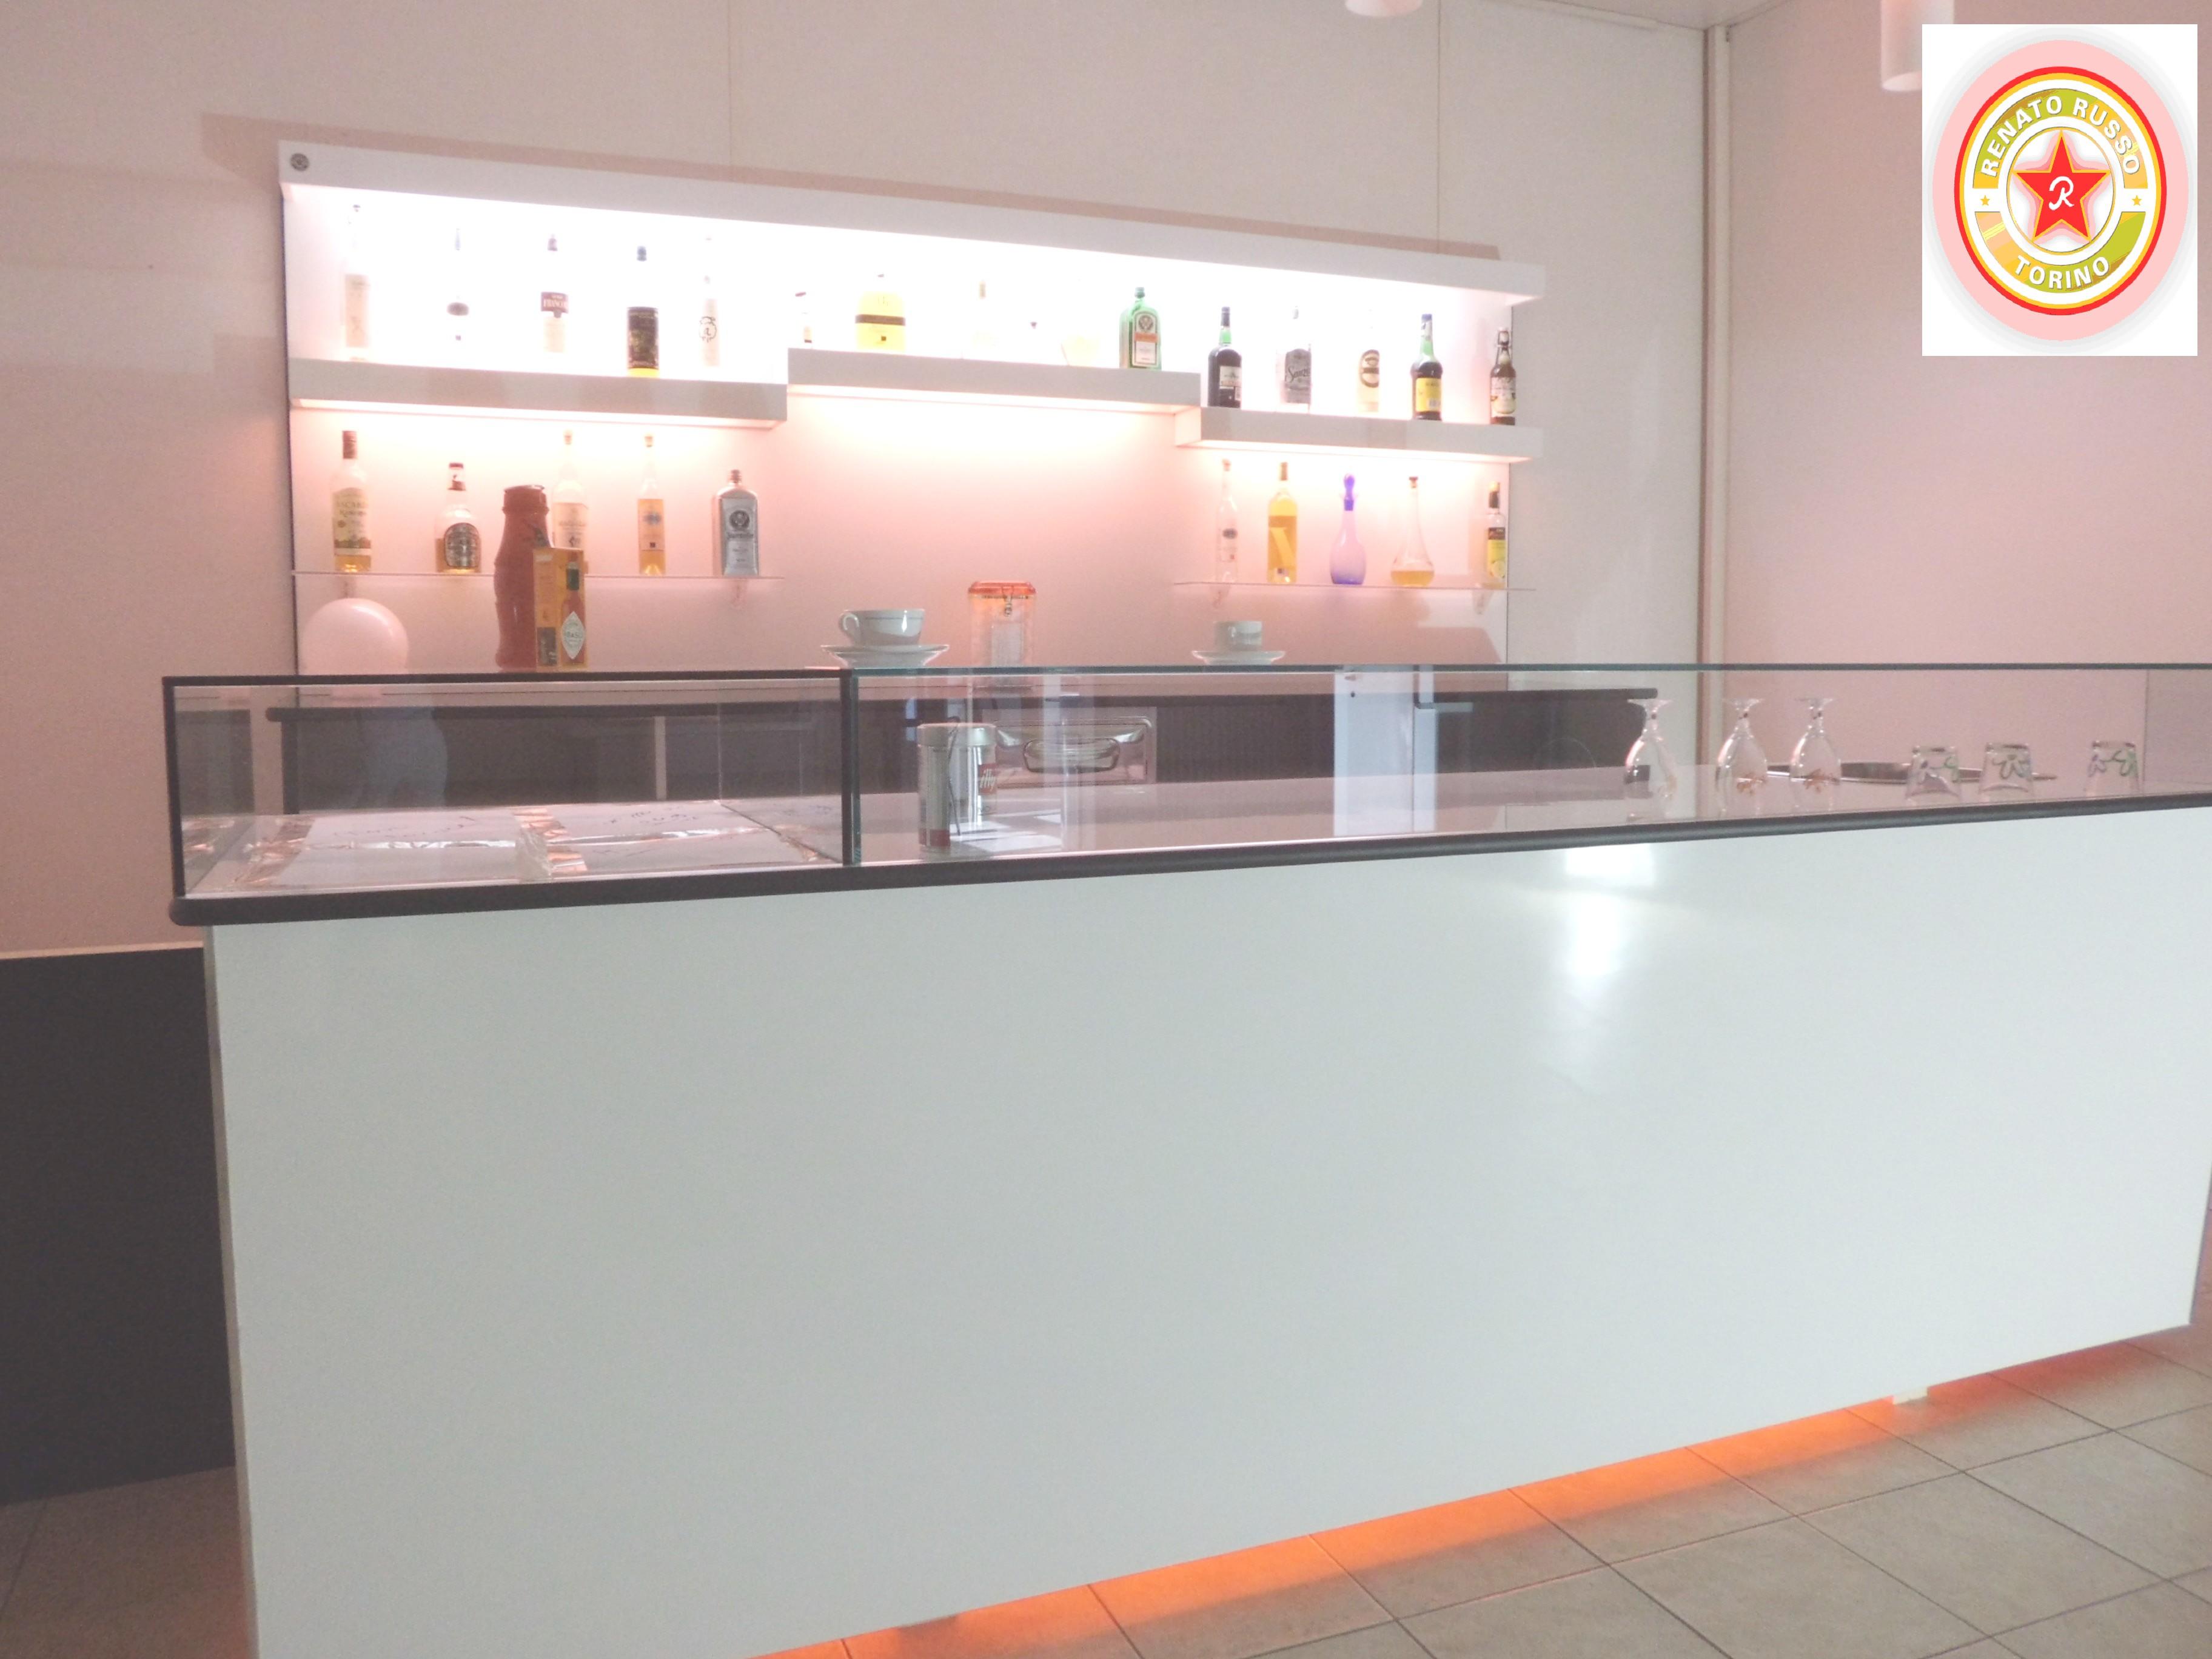 Banchi bar compra in fabbrica risparmia molti soldi for Banconi bar usati prezzi